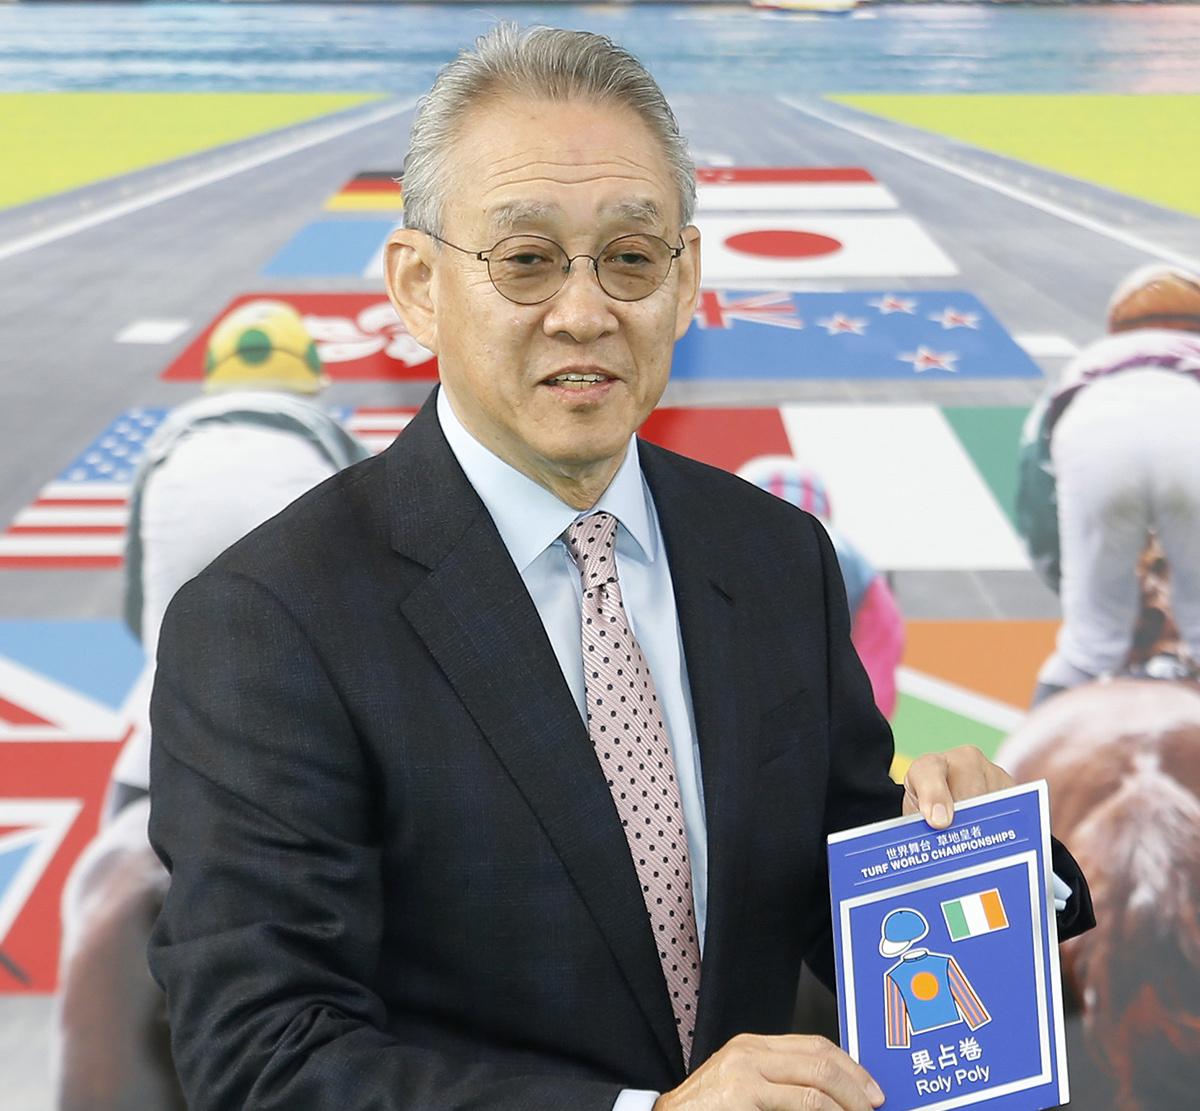 馬會副主席周永健啟動浪琴表香港一哩錦標的排位抽籤程序,抽出首匹進行排位的參賽馬。